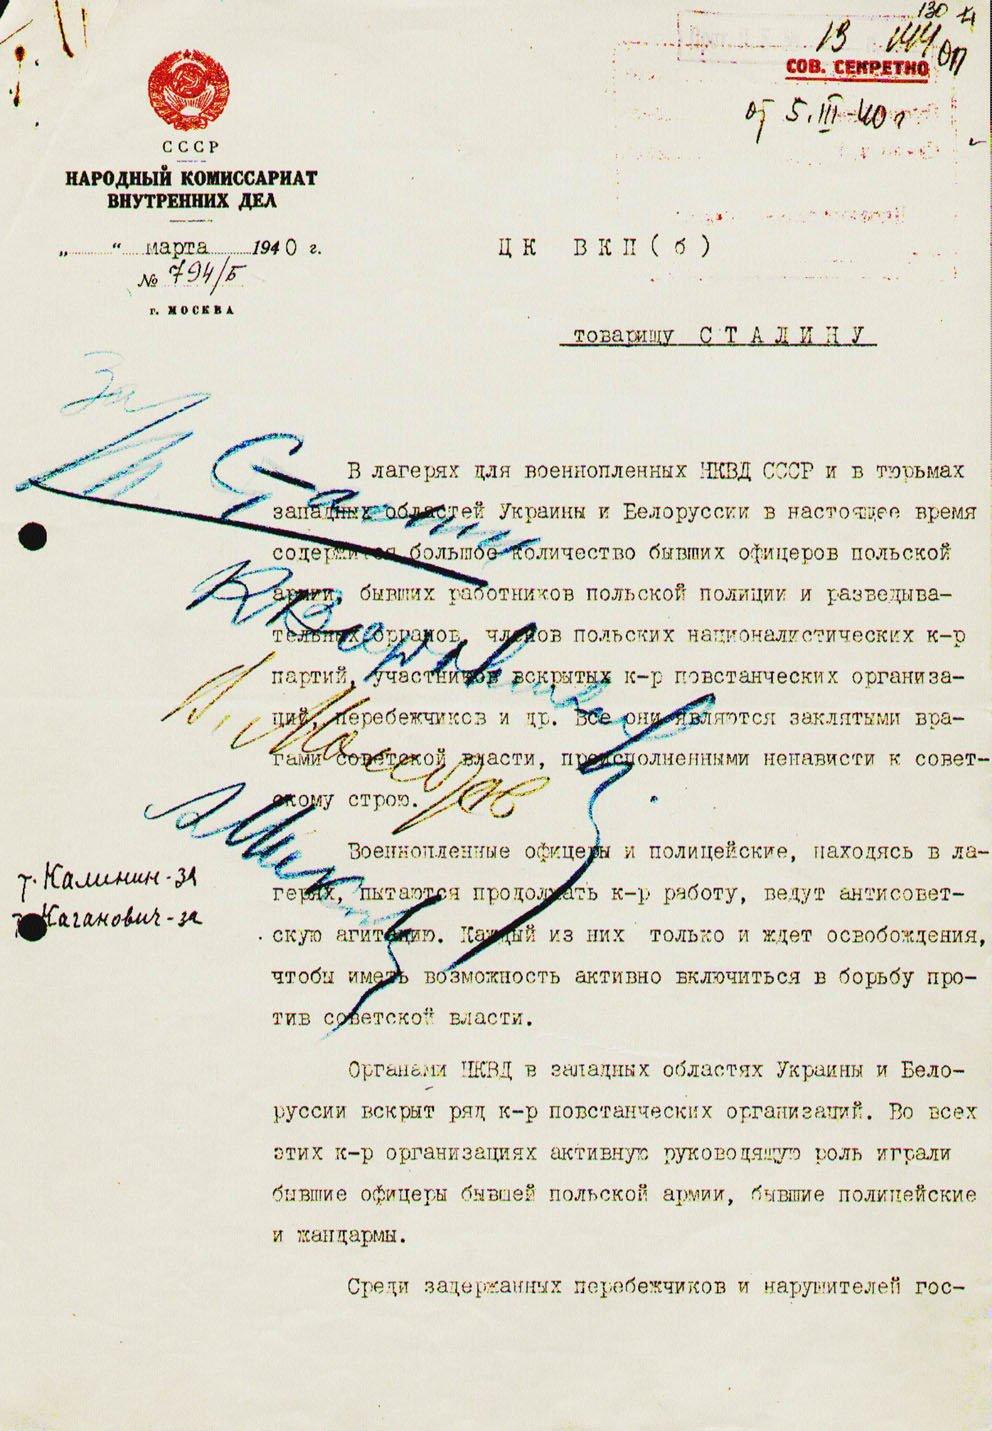 Записка Берии от 5 (?) марта 1940 F17op166d621l130